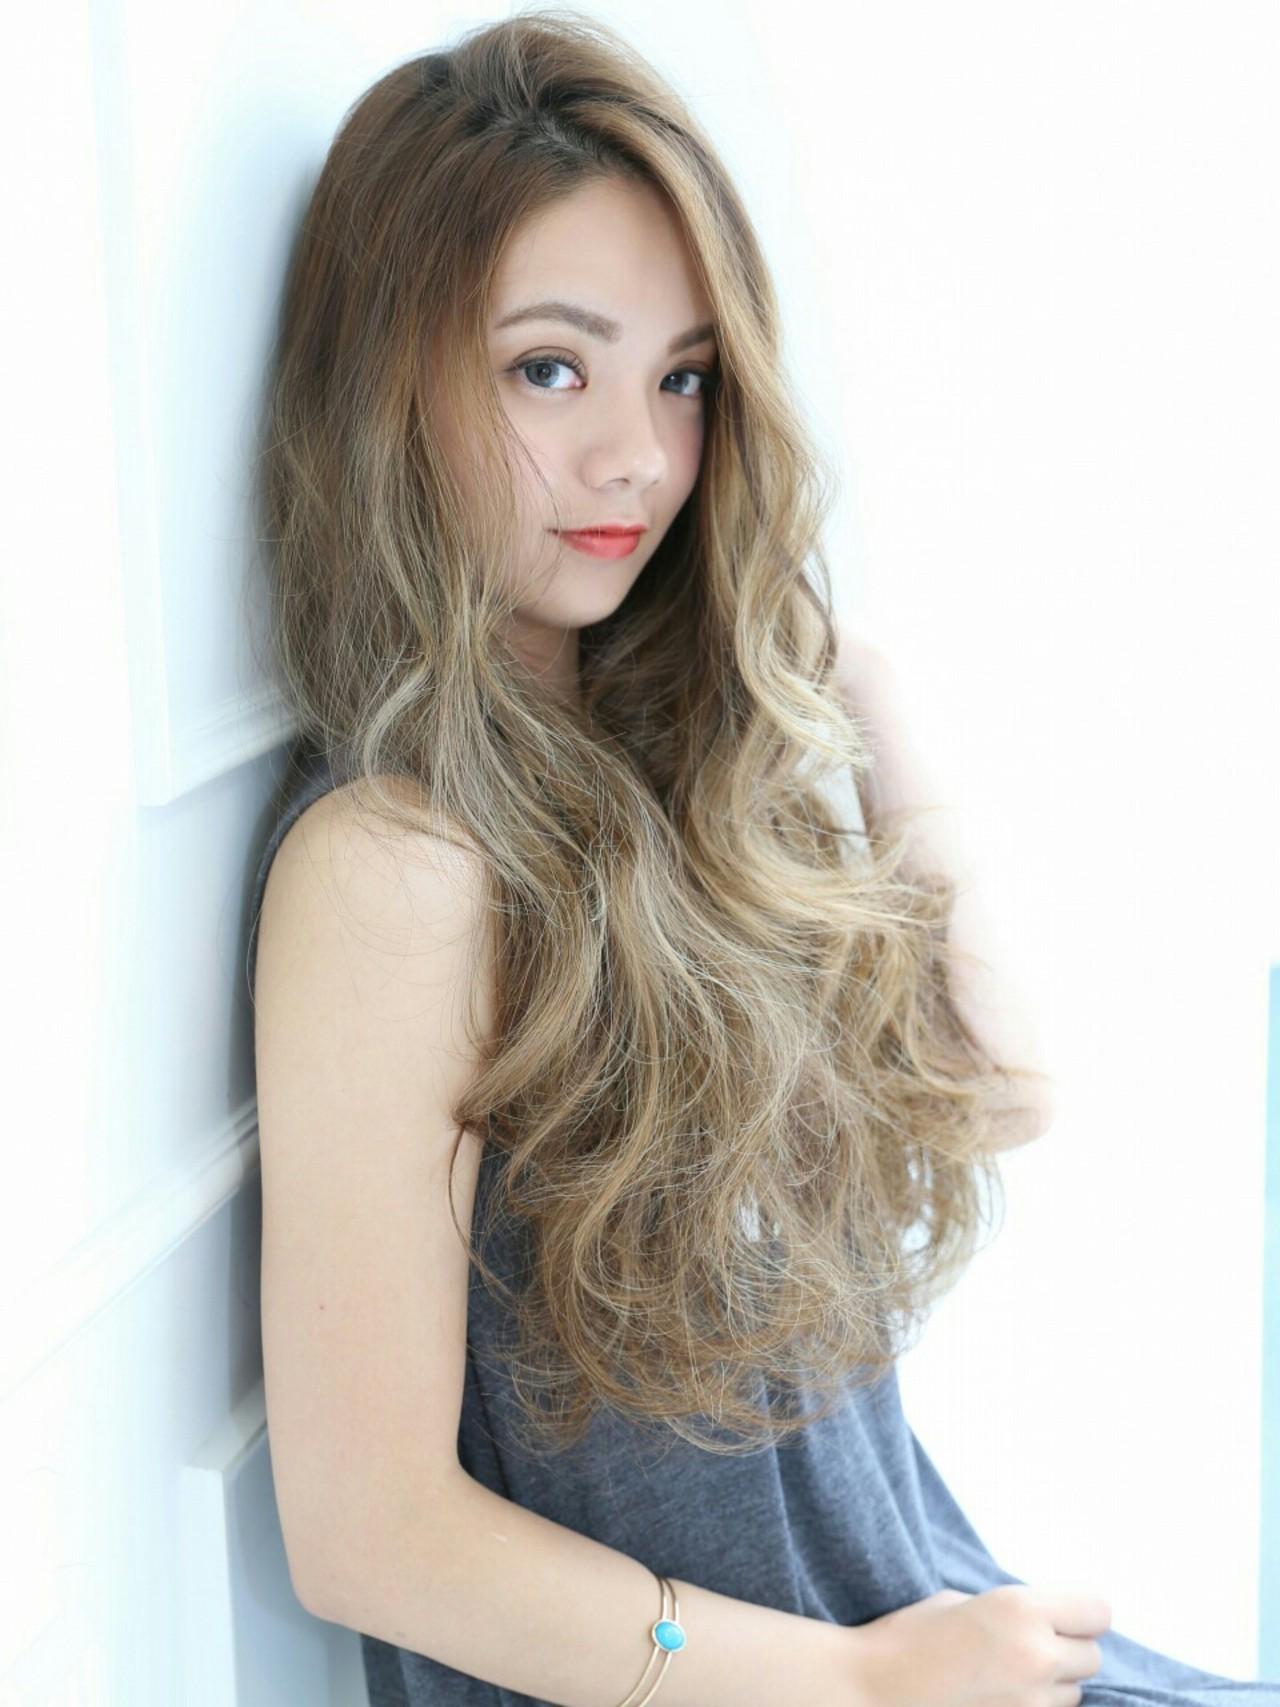 ナチュラル ゆるふわ くせ毛風 ロング ヘアスタイルや髪型の写真・画像 | 西村友紀子 / Cubic by Dice        Dice